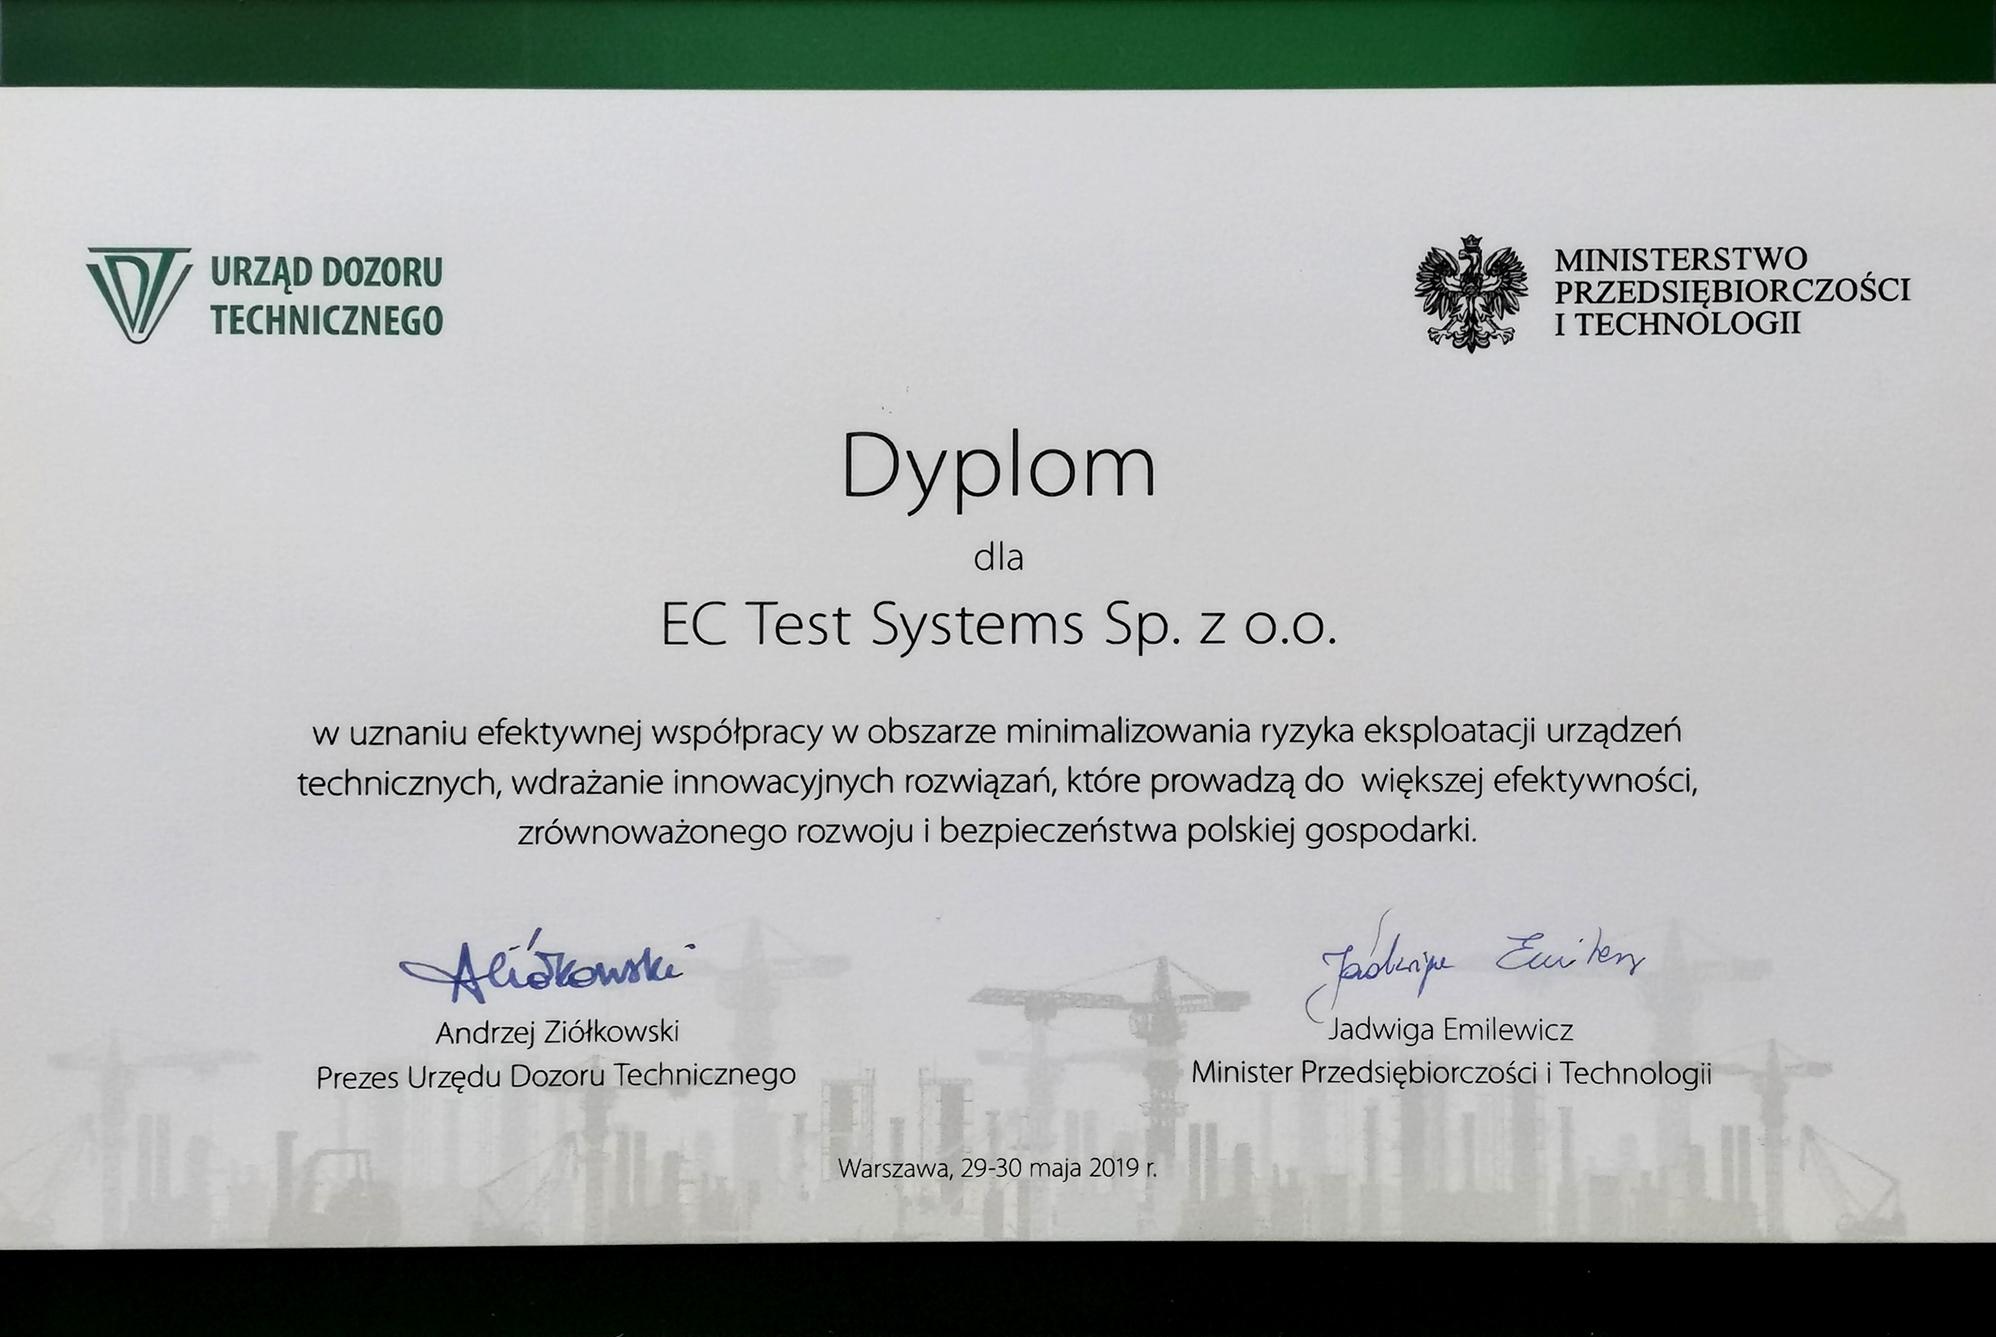 DYPLOM UZNANIA DLA EC TEST SYSTEMS!!!